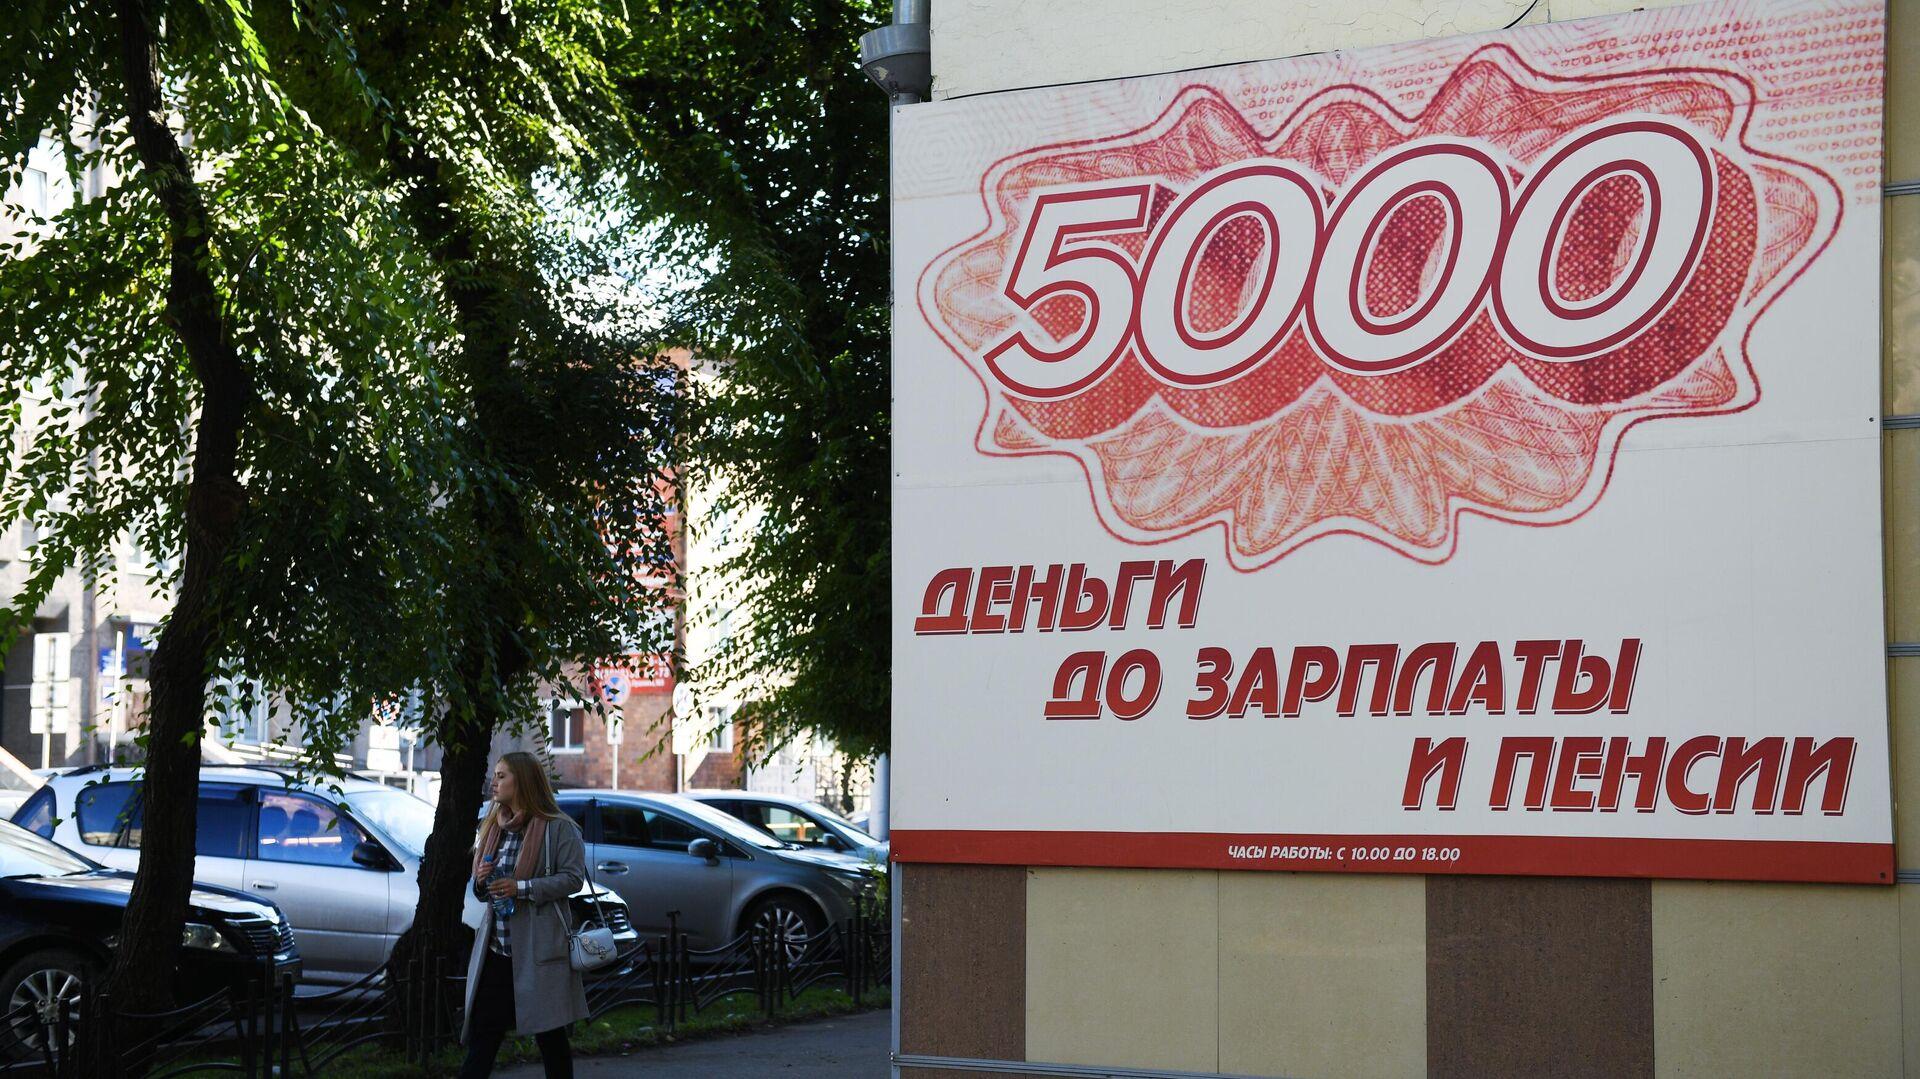 Реклама микрофинансовой организации в Абакане - РИА Новости, 1920, 06.11.2020